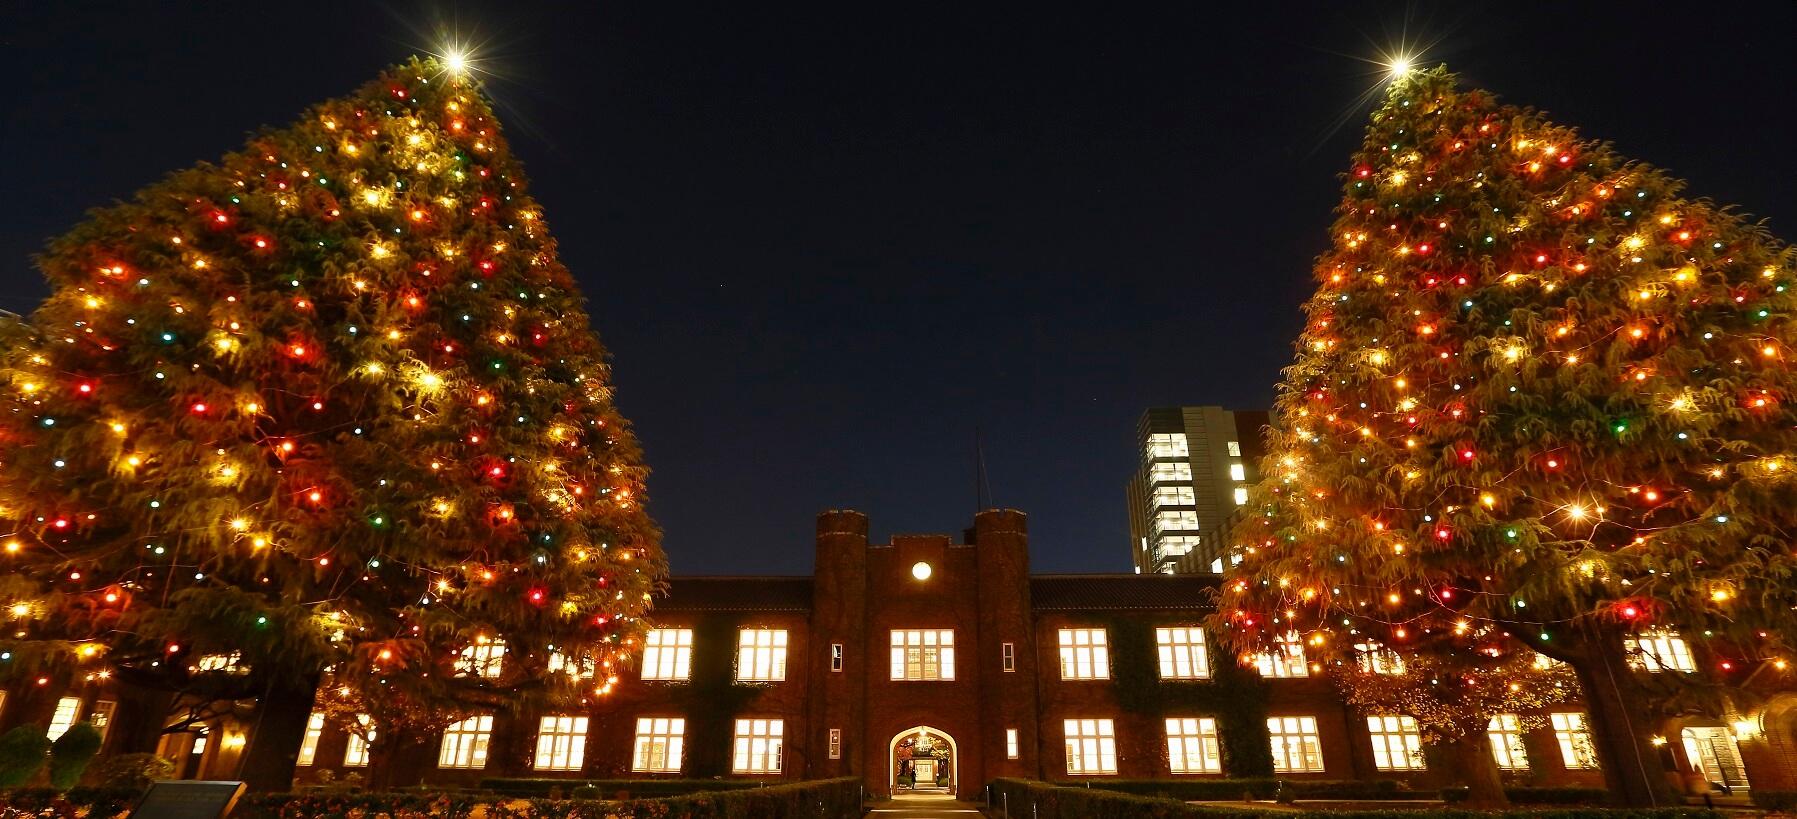 「立教 クリスマスツリー インスタ」の画像検索結果